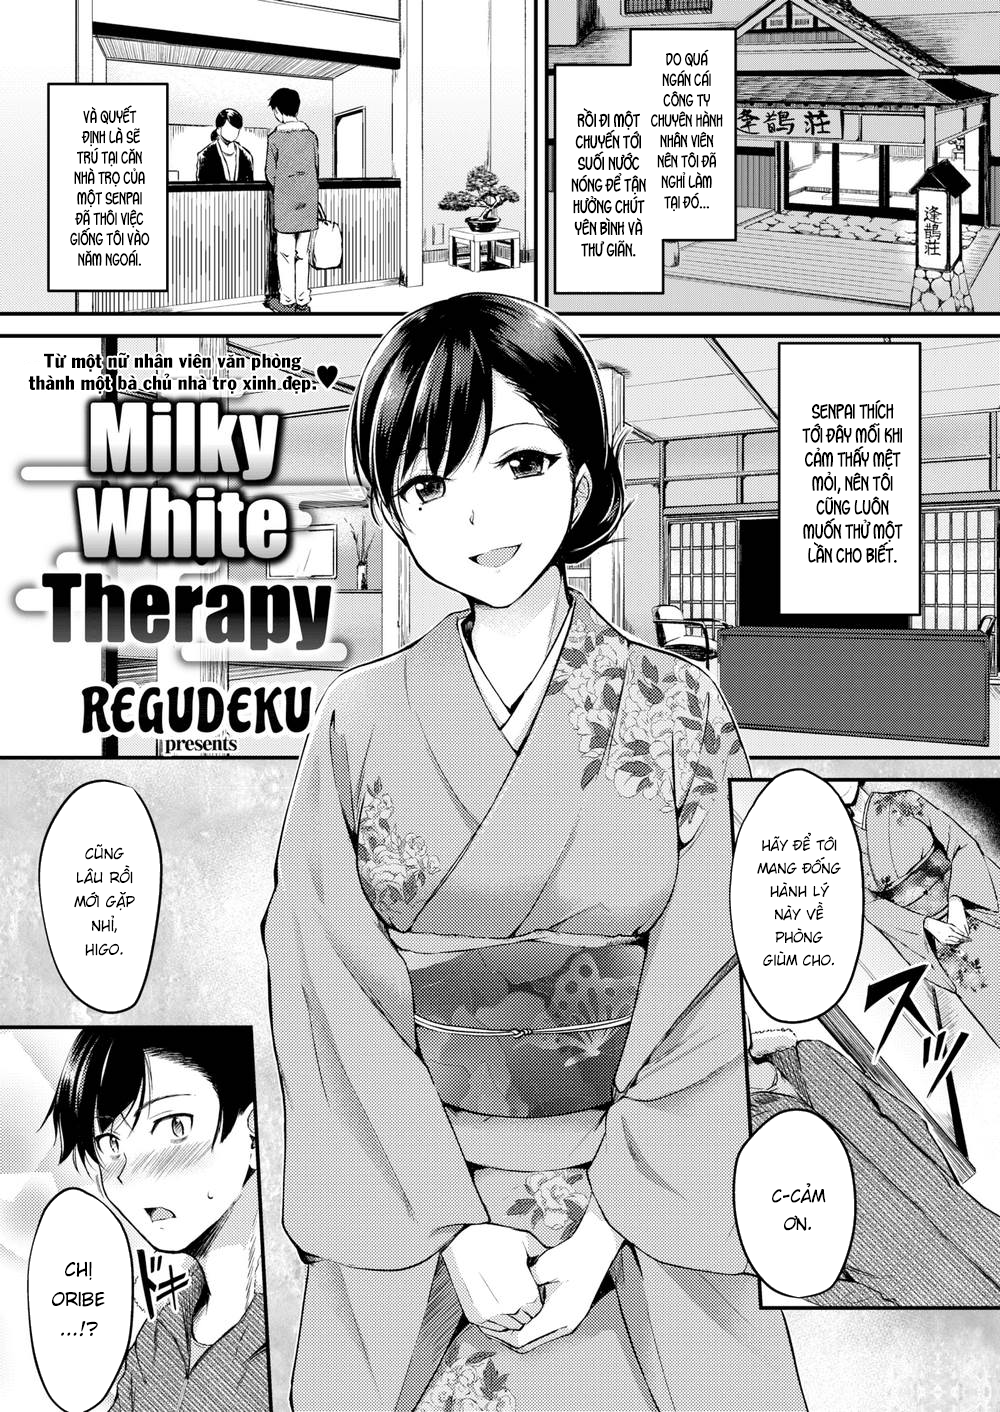 Hình ảnh  trong bài viết Milky White Therapy